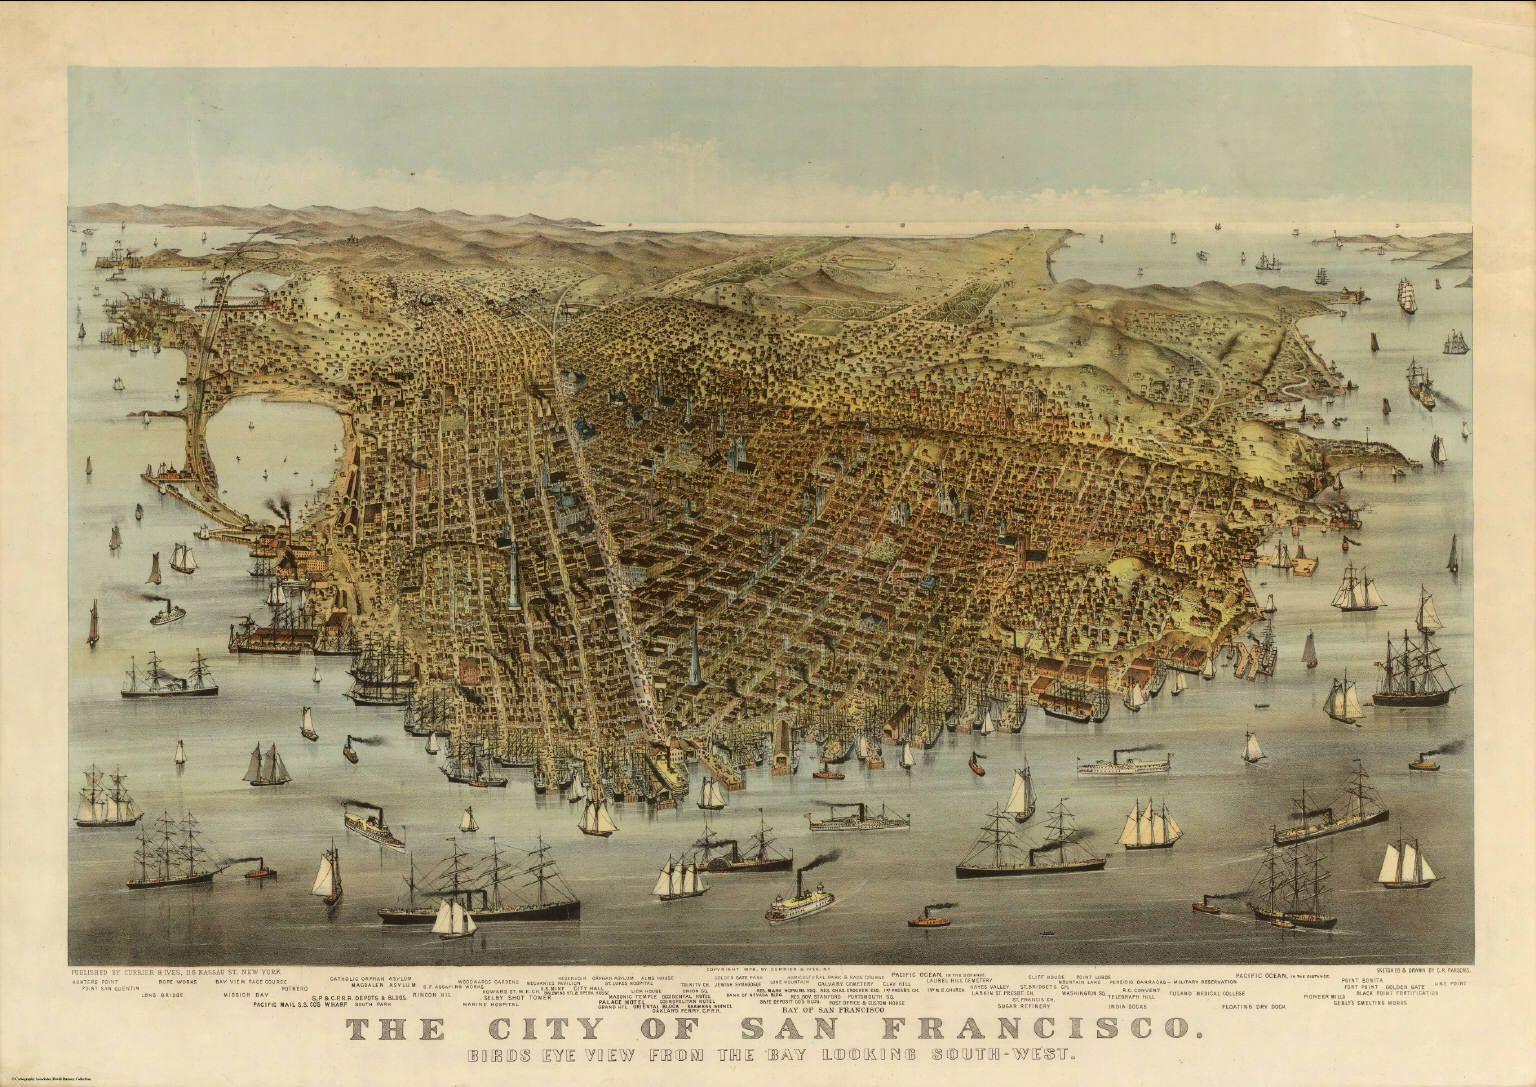 The city of San Francisco Birds eye